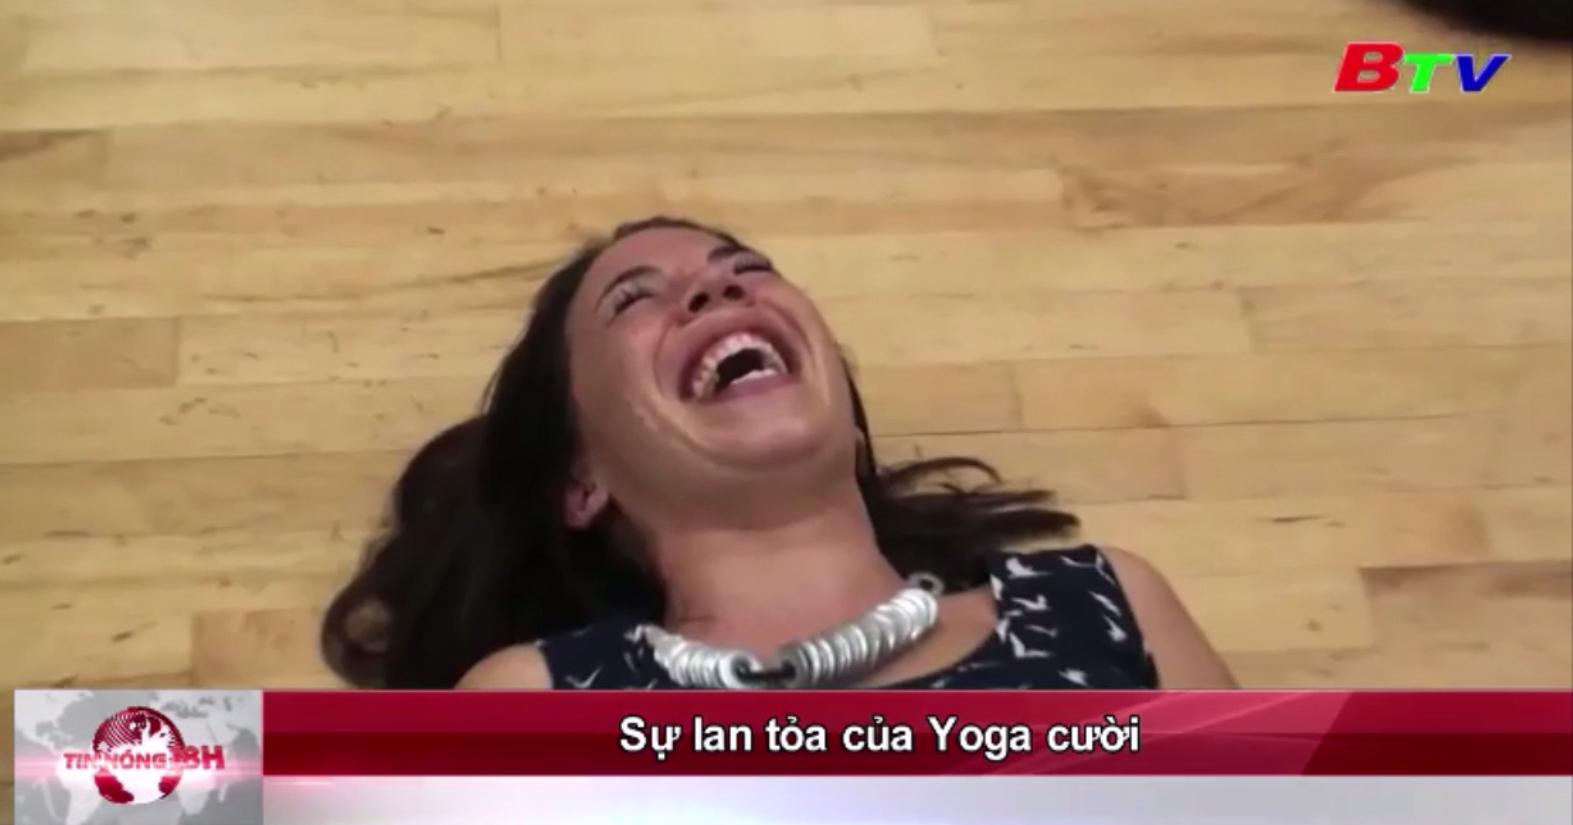 Sự lan tỏa của Yoga cười